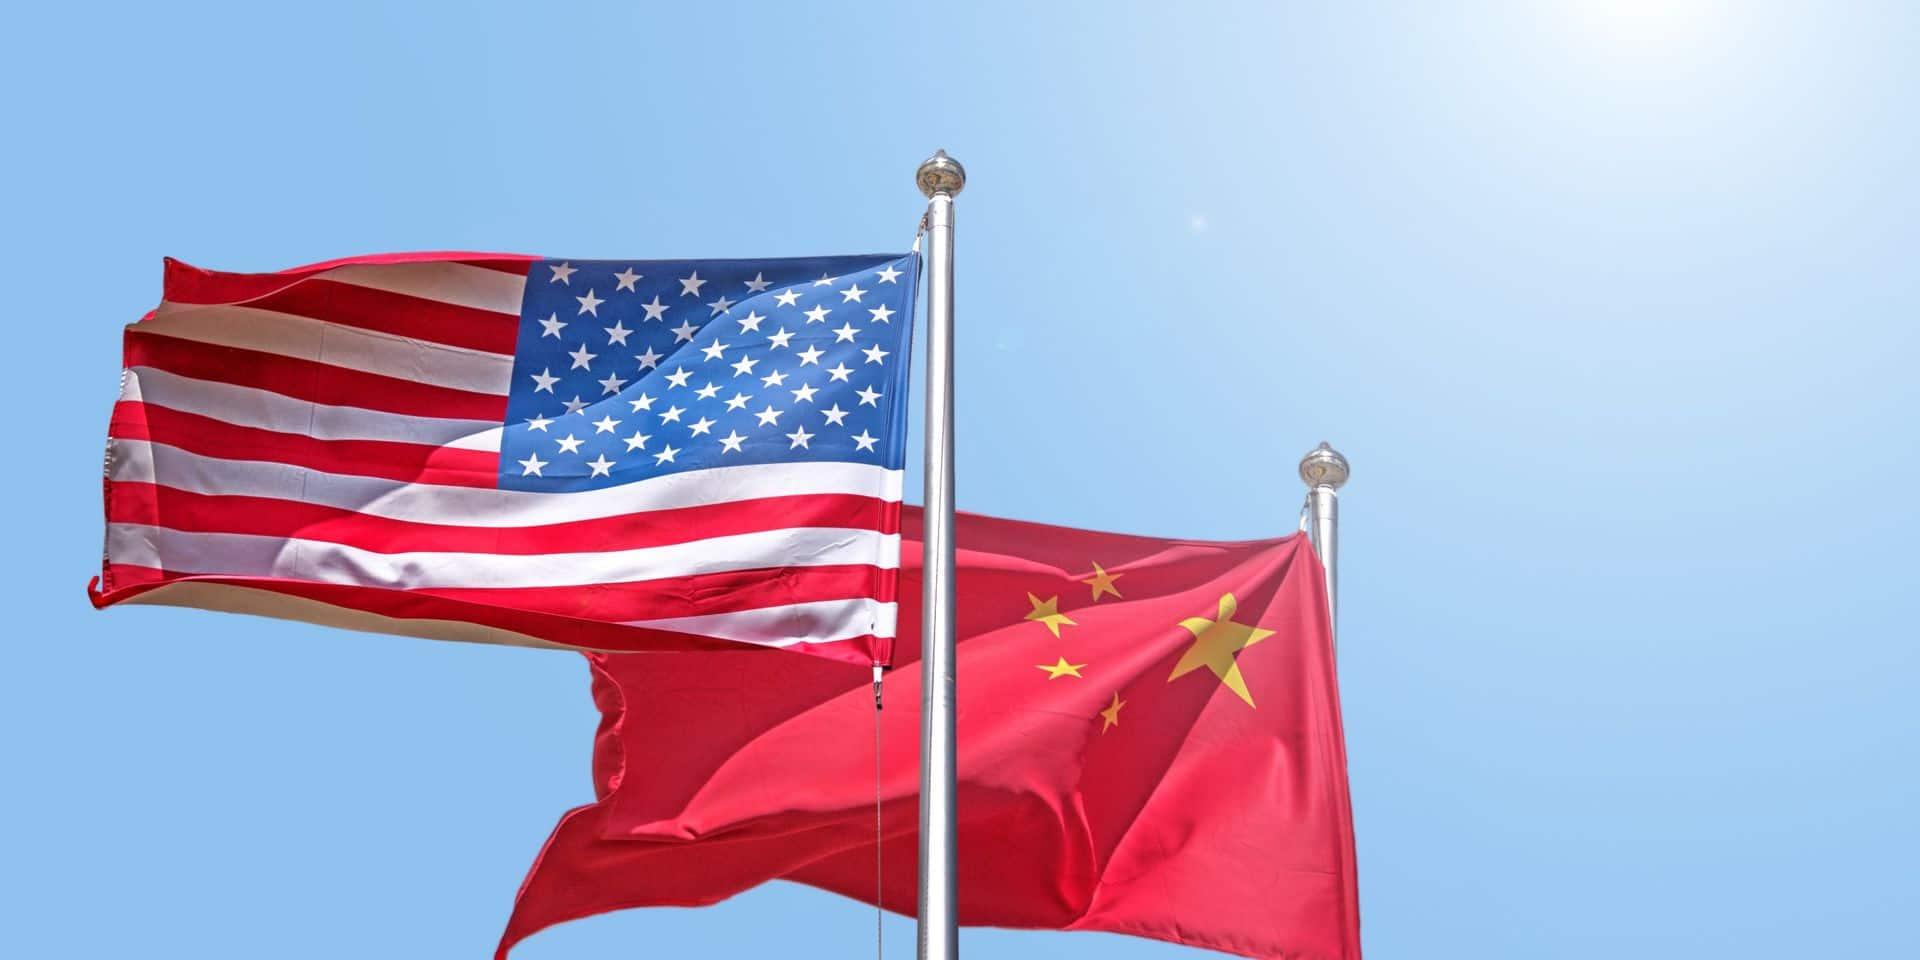 Guerre commerciale: première discussion en ligne entre responsables du commerce chinois et américains